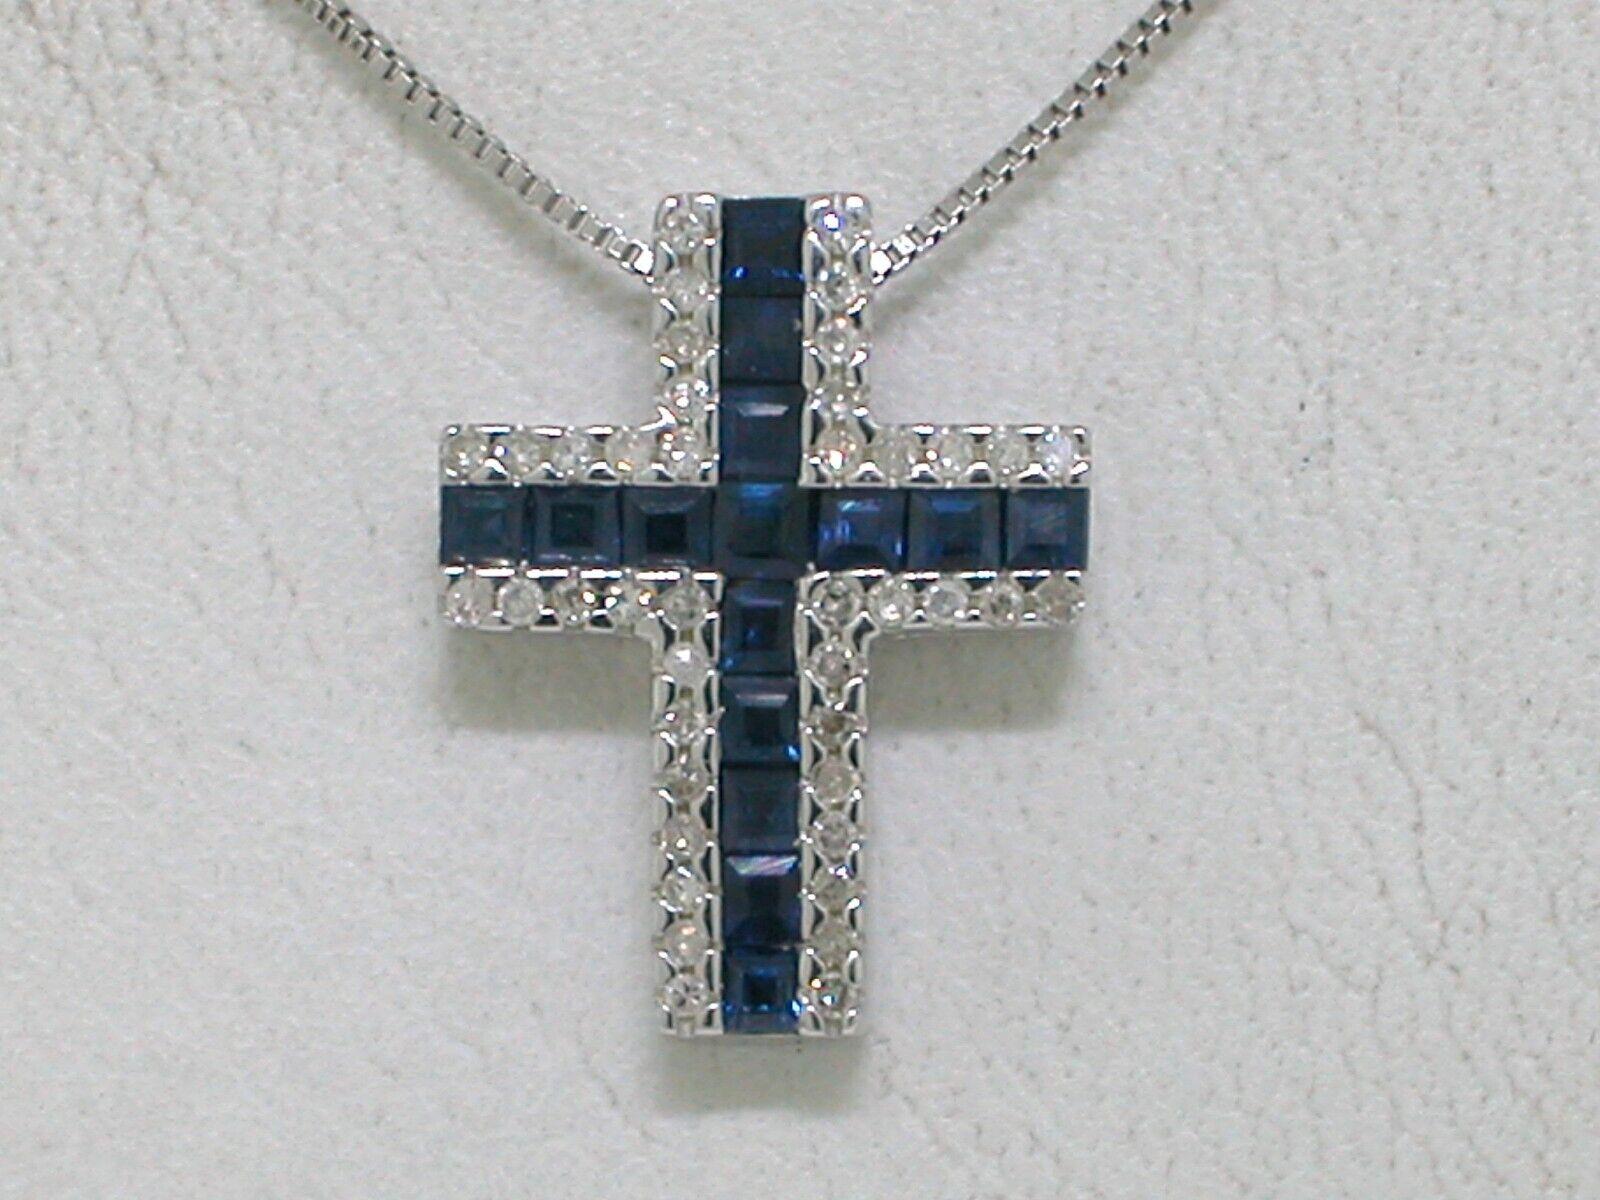 Valore  Zaffiro Diamante Croce Ciondolo Ciondolo Ciondolo Catena 585er oro BIANCO 14k oro a0773c